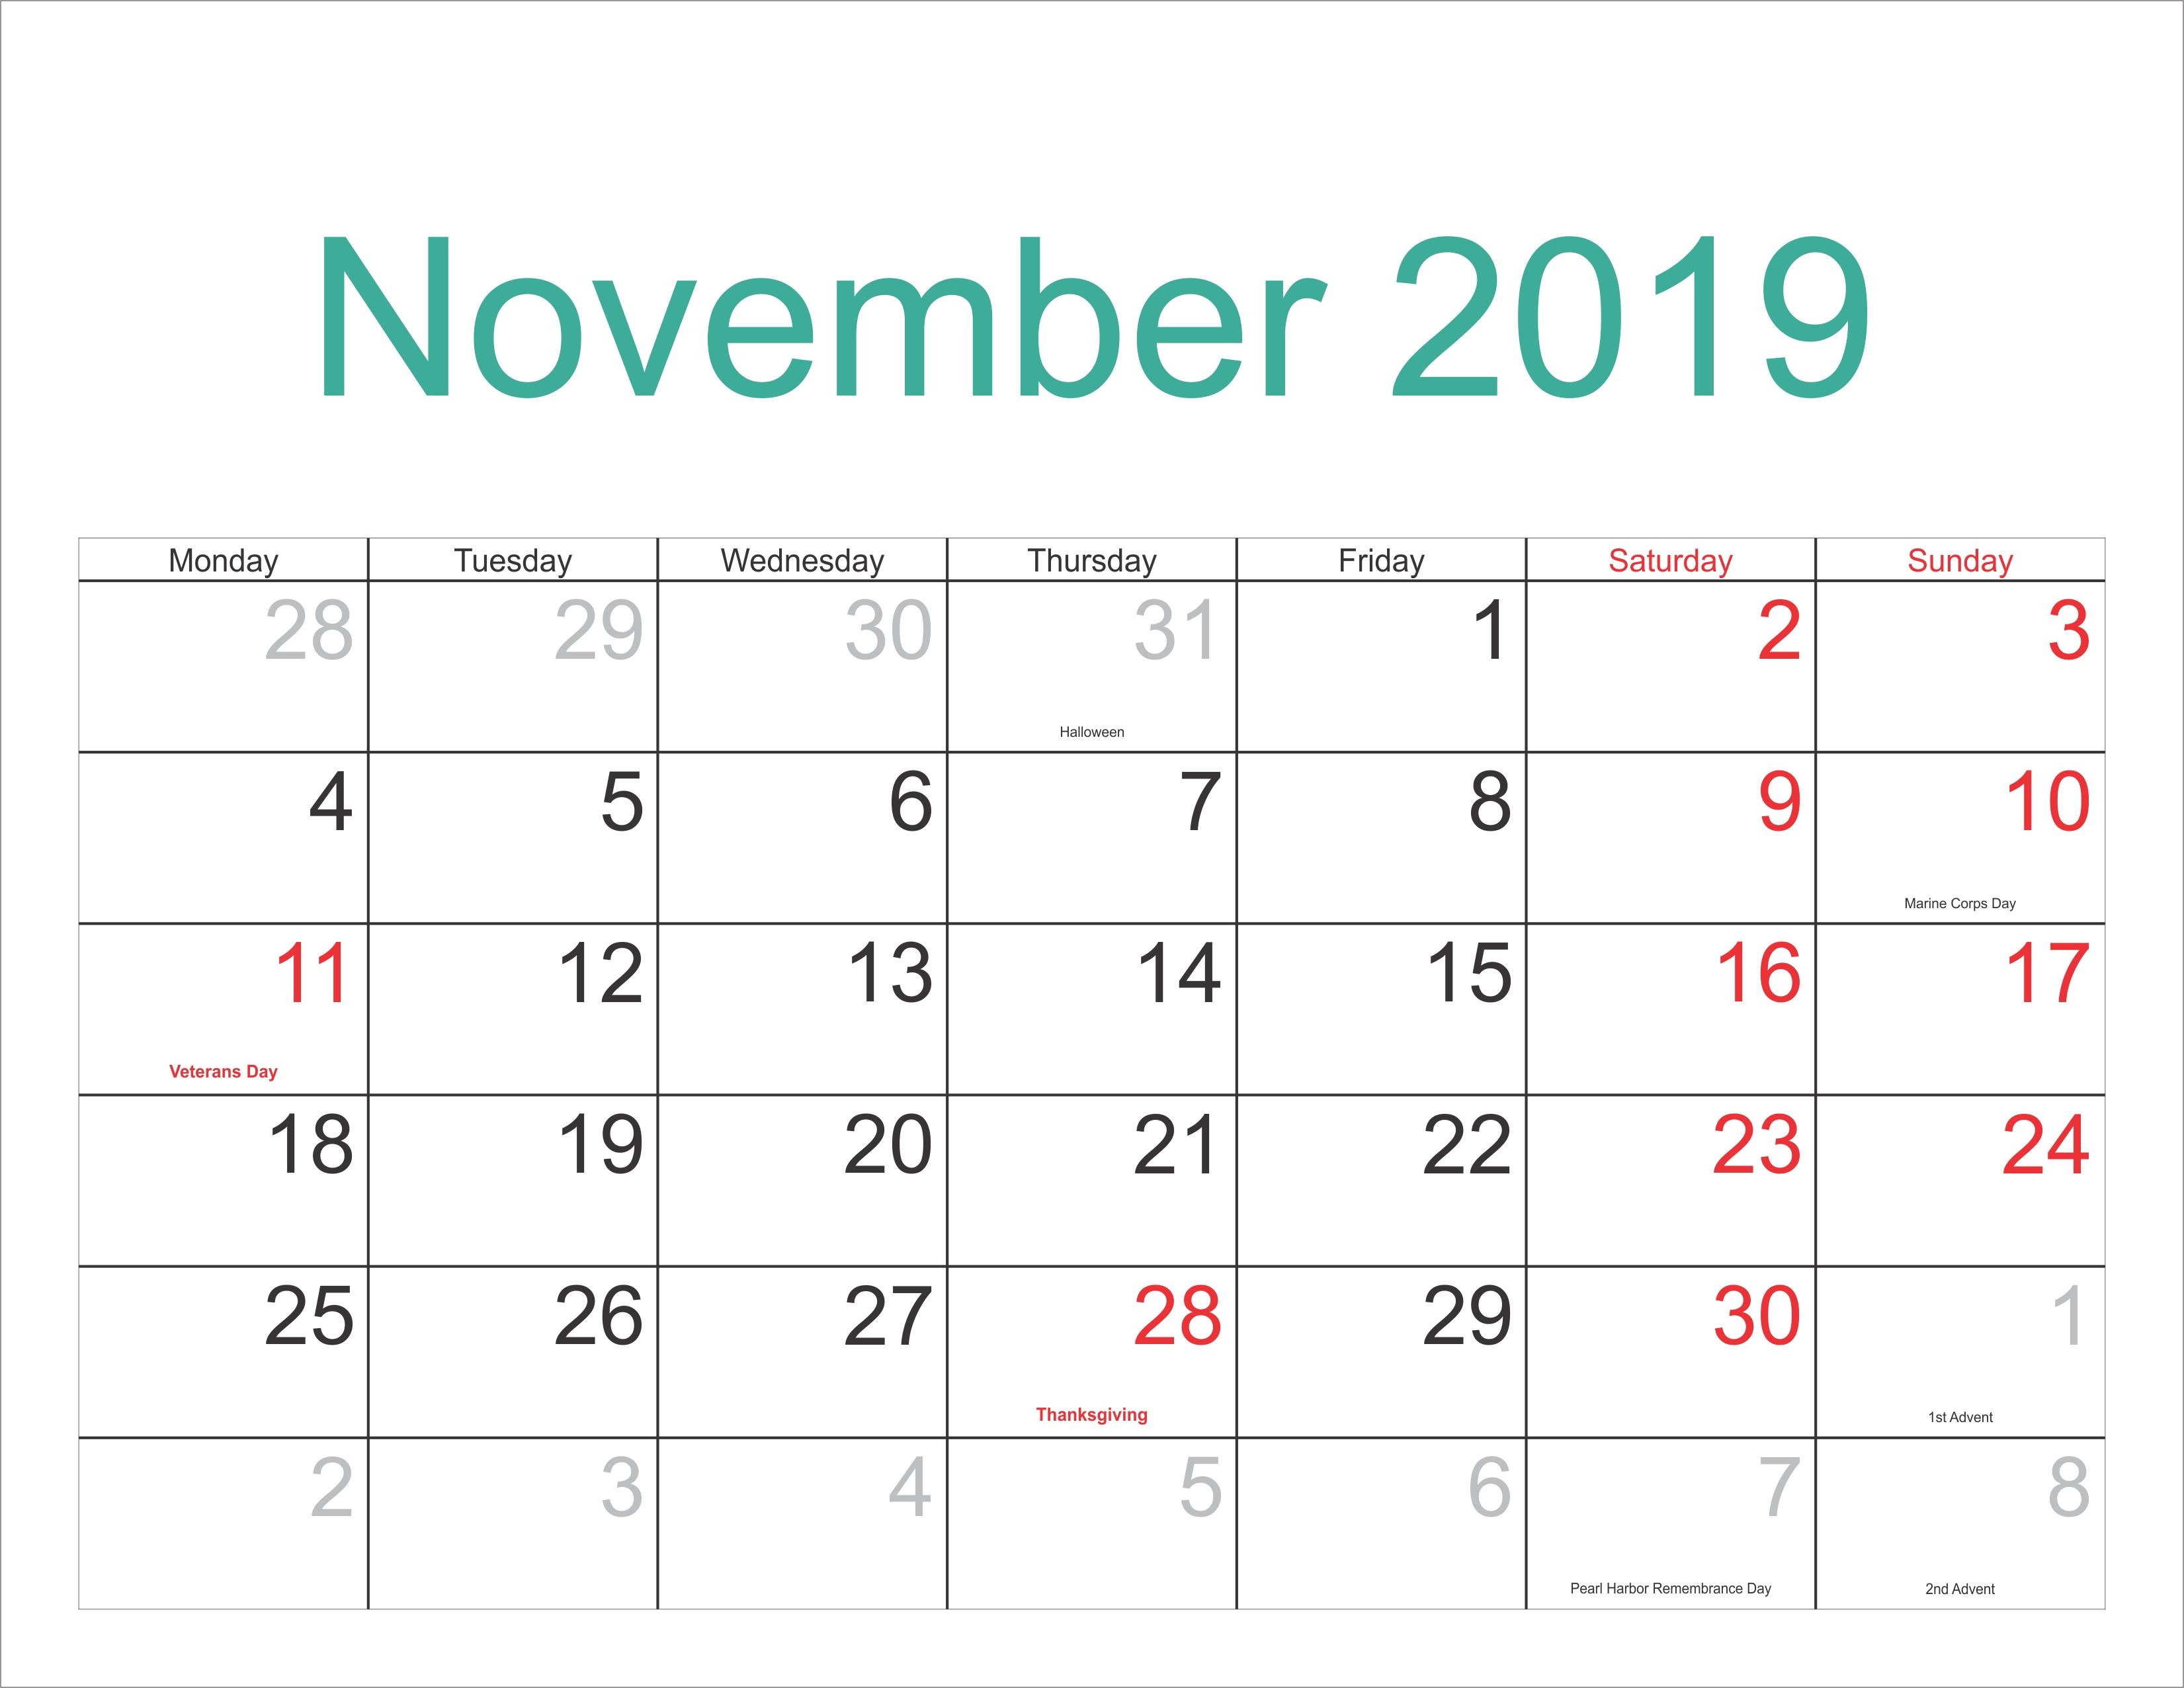 November 2019 Excel Calendar - Free November 2018 Calendar Calendar 2019 Excel Free